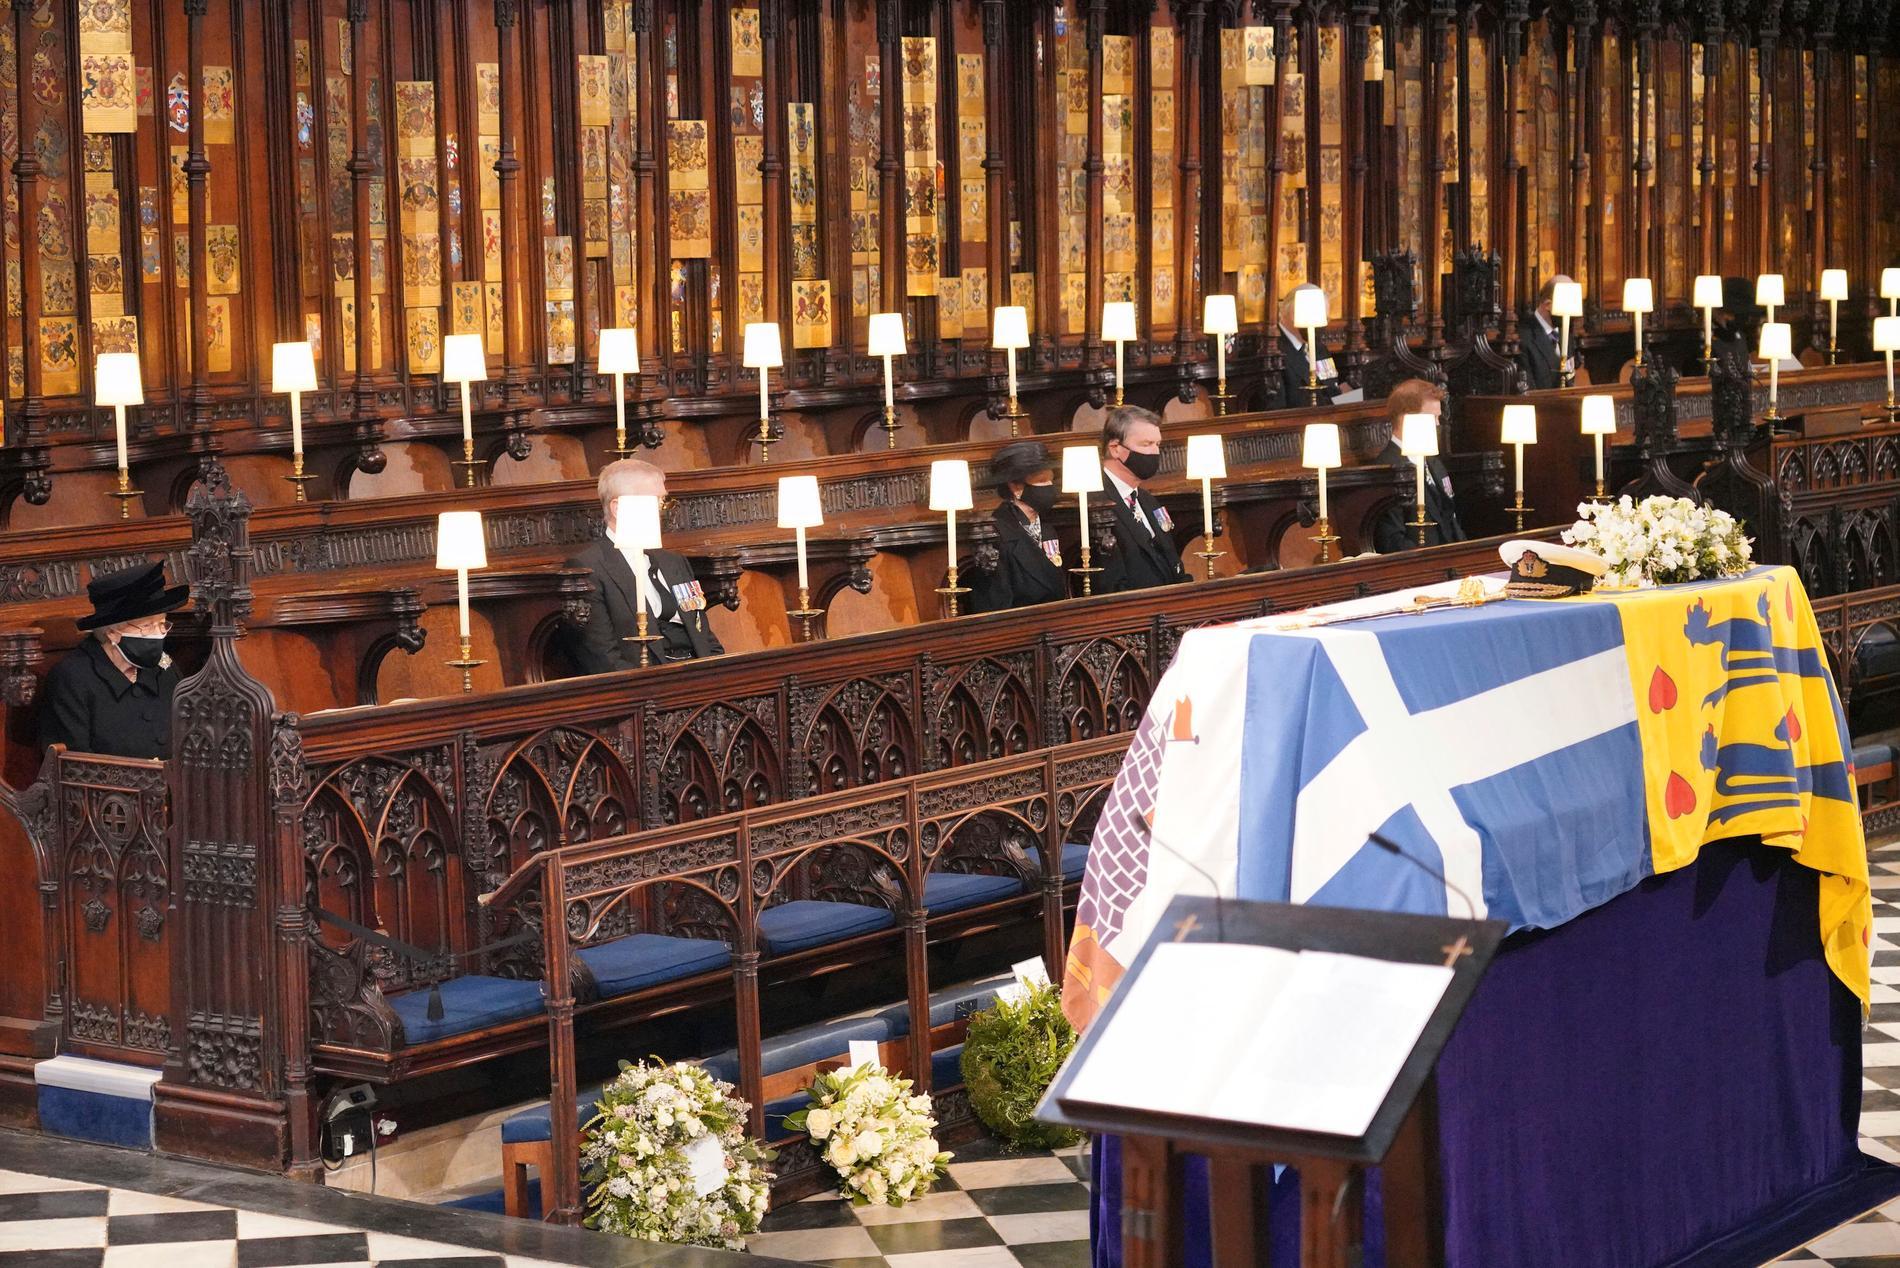 Idag begravde Storbritanniens drottning Elizabeth II, mannen som varit vid hennes sida i 73 år. På bilden syns även prins Andrew, prinsessan Anne och vice amiral Timothy Laurence i St. George's Chapel under begravningen.